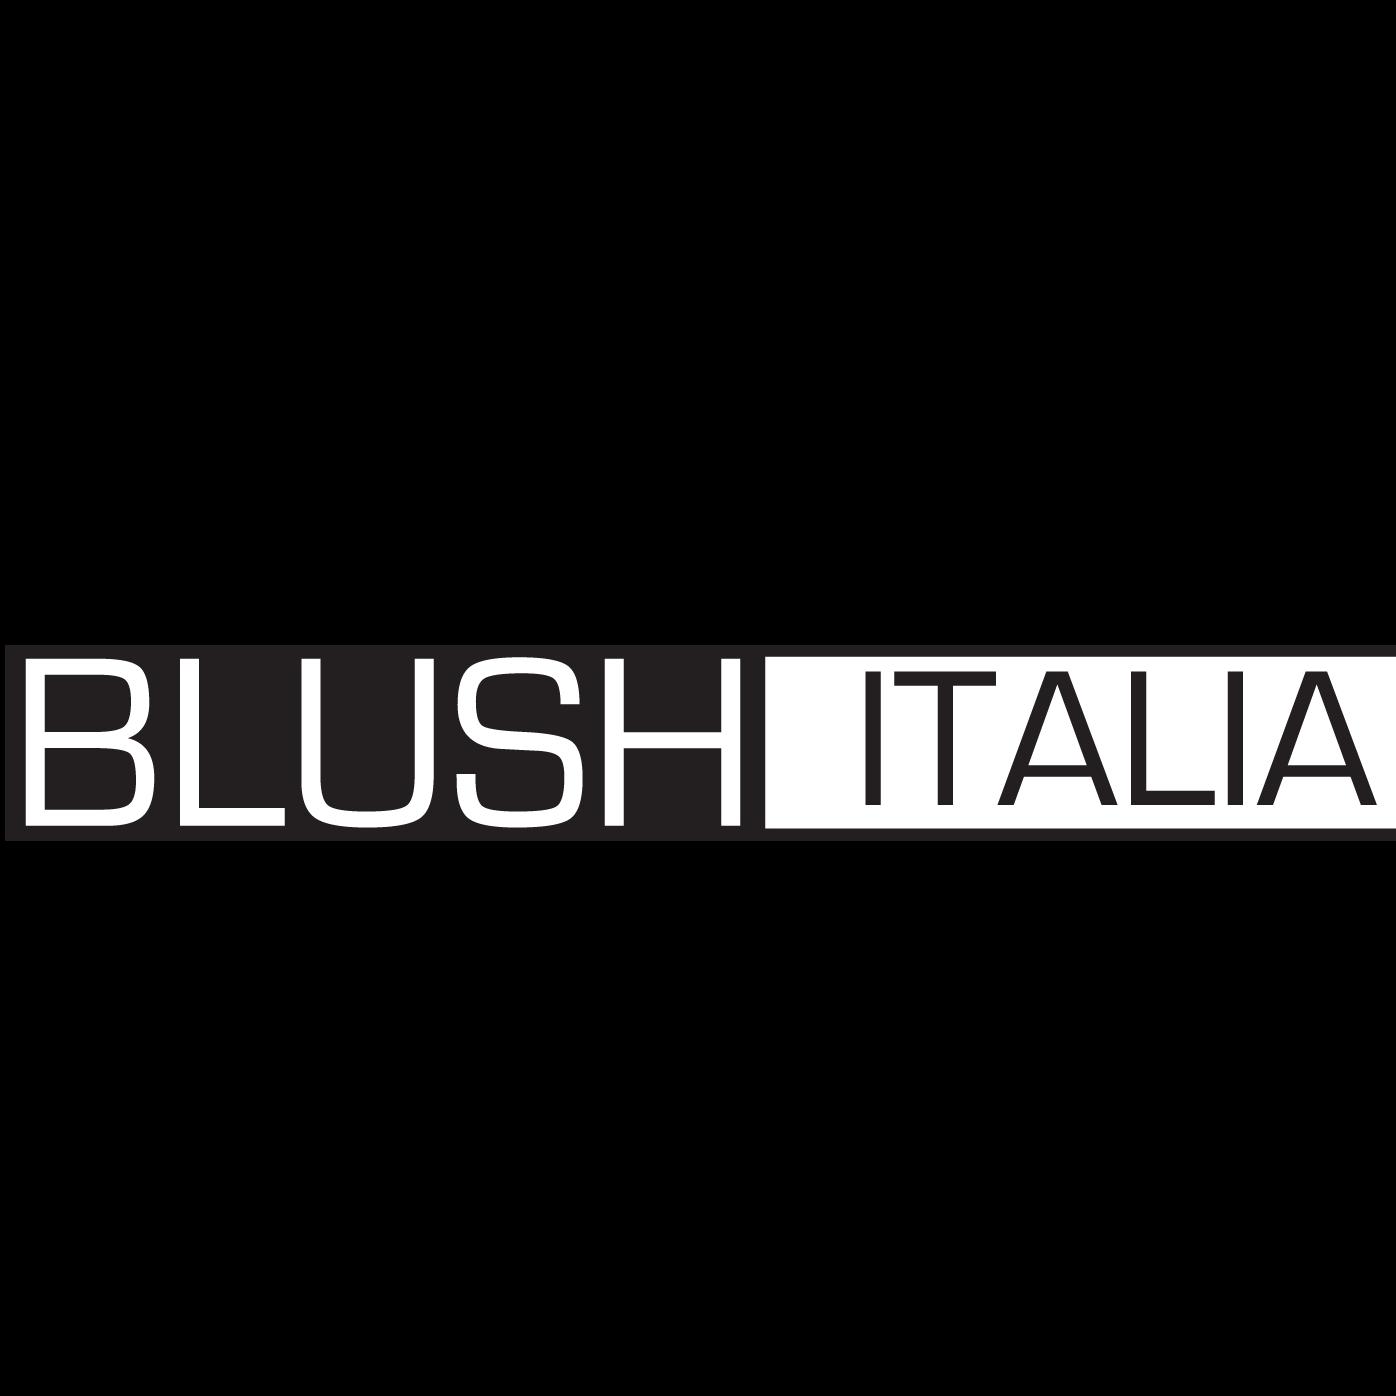 BlushItalia